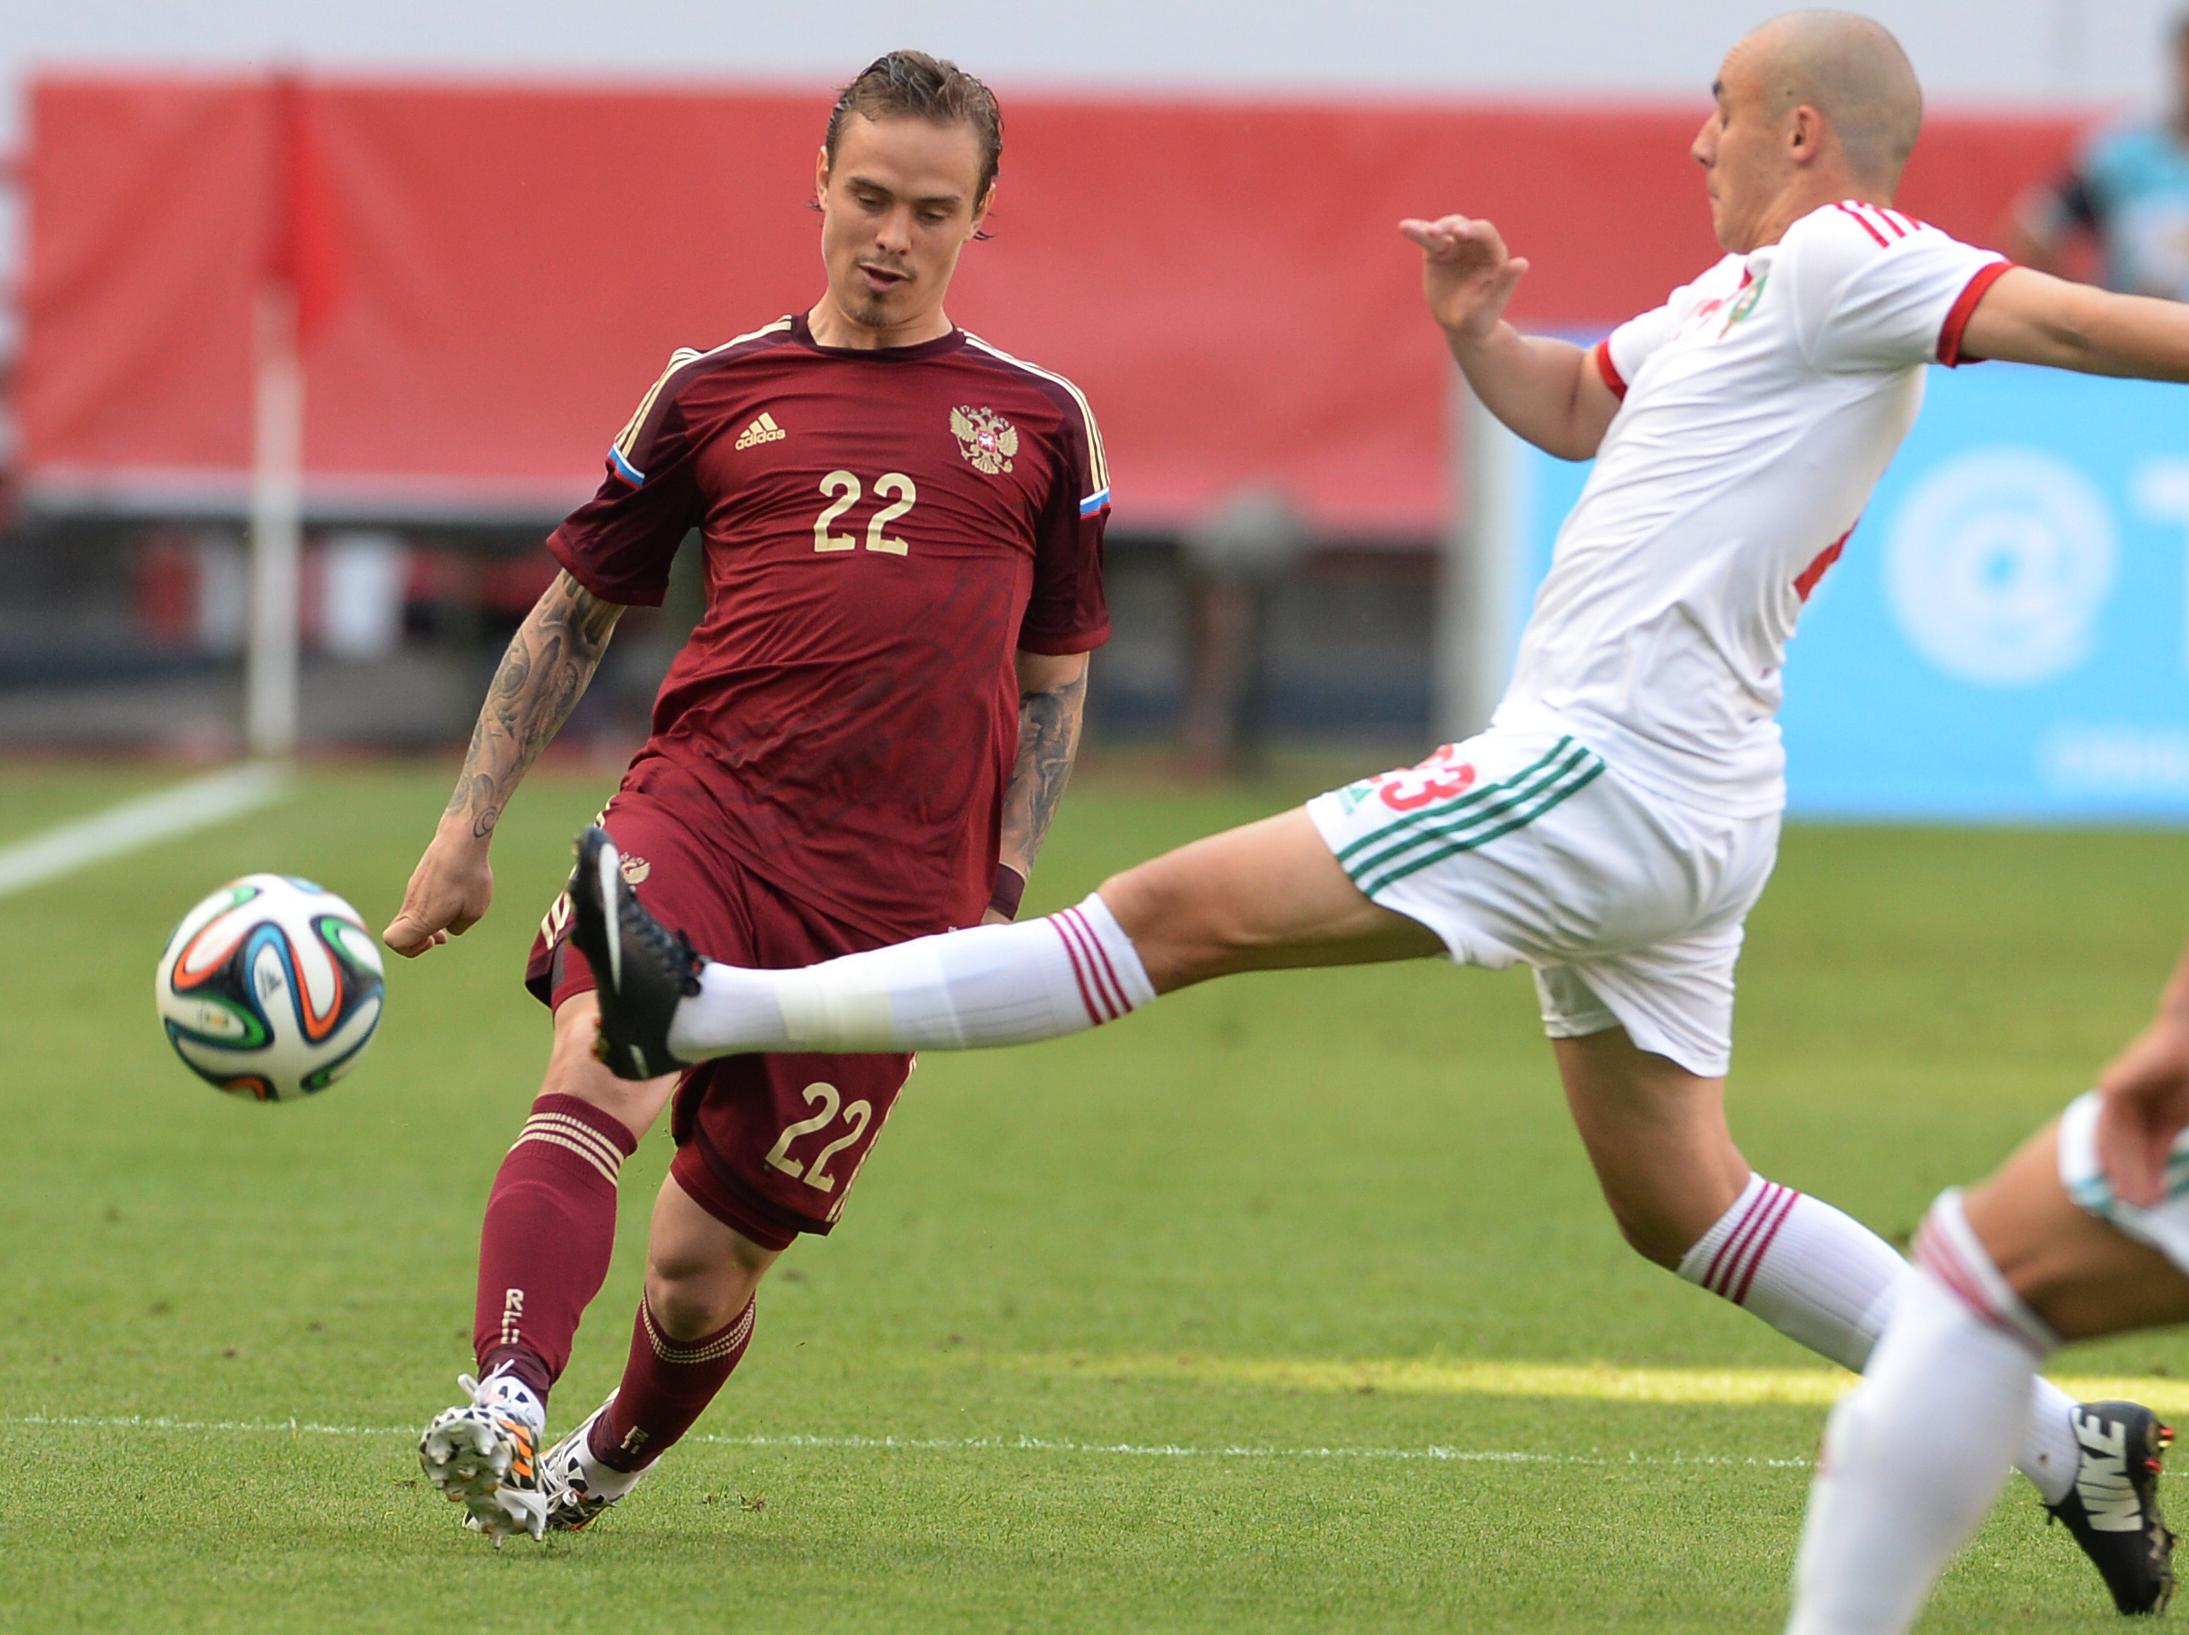 Футбол прямая трансляция россия бельгия смотреть онлайн 23 фотография